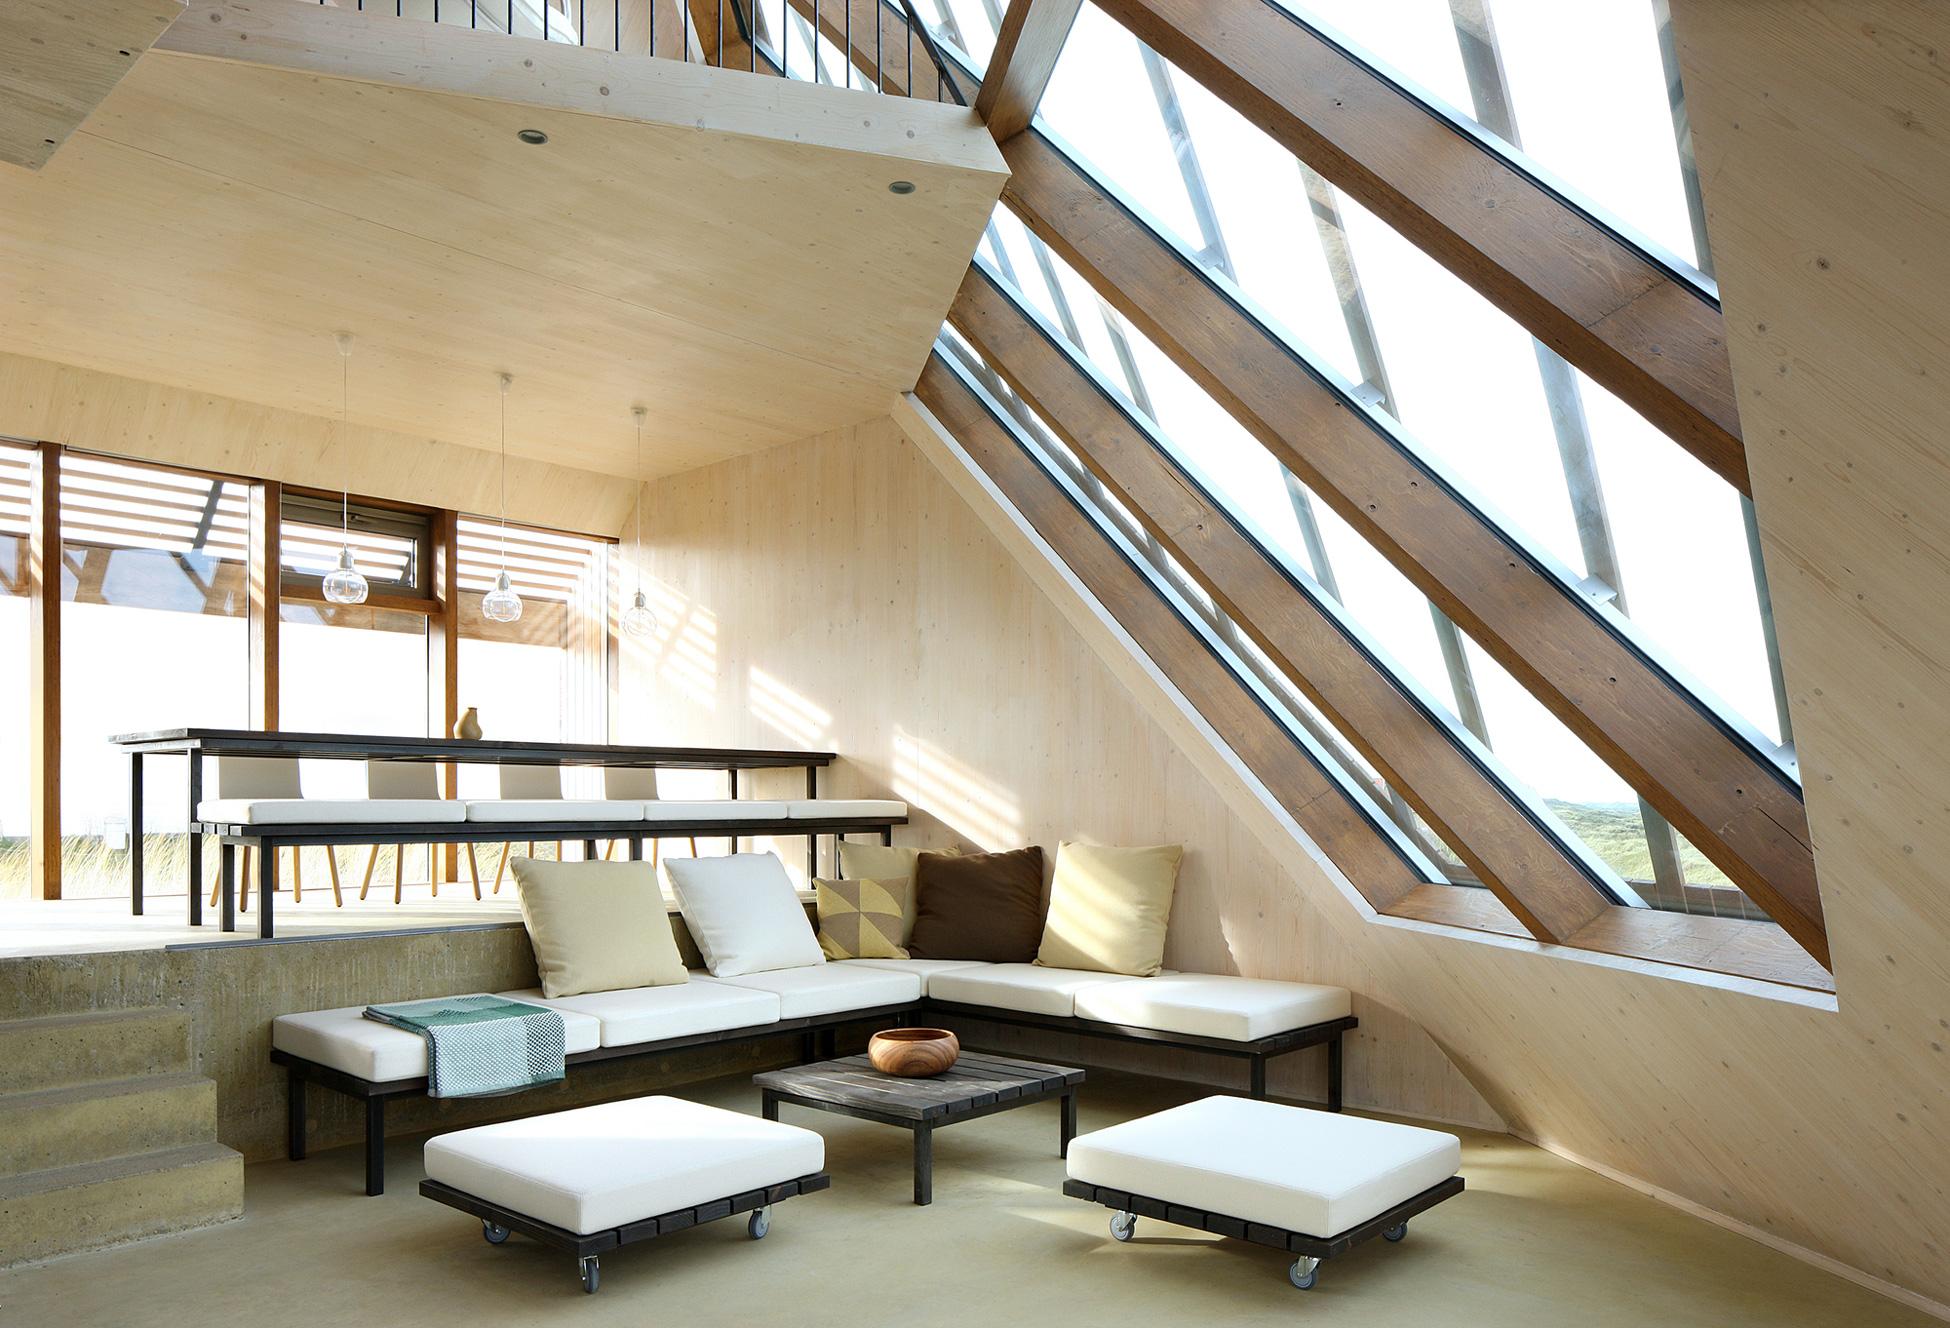 Dune House / Marc Koehler Architects (14)